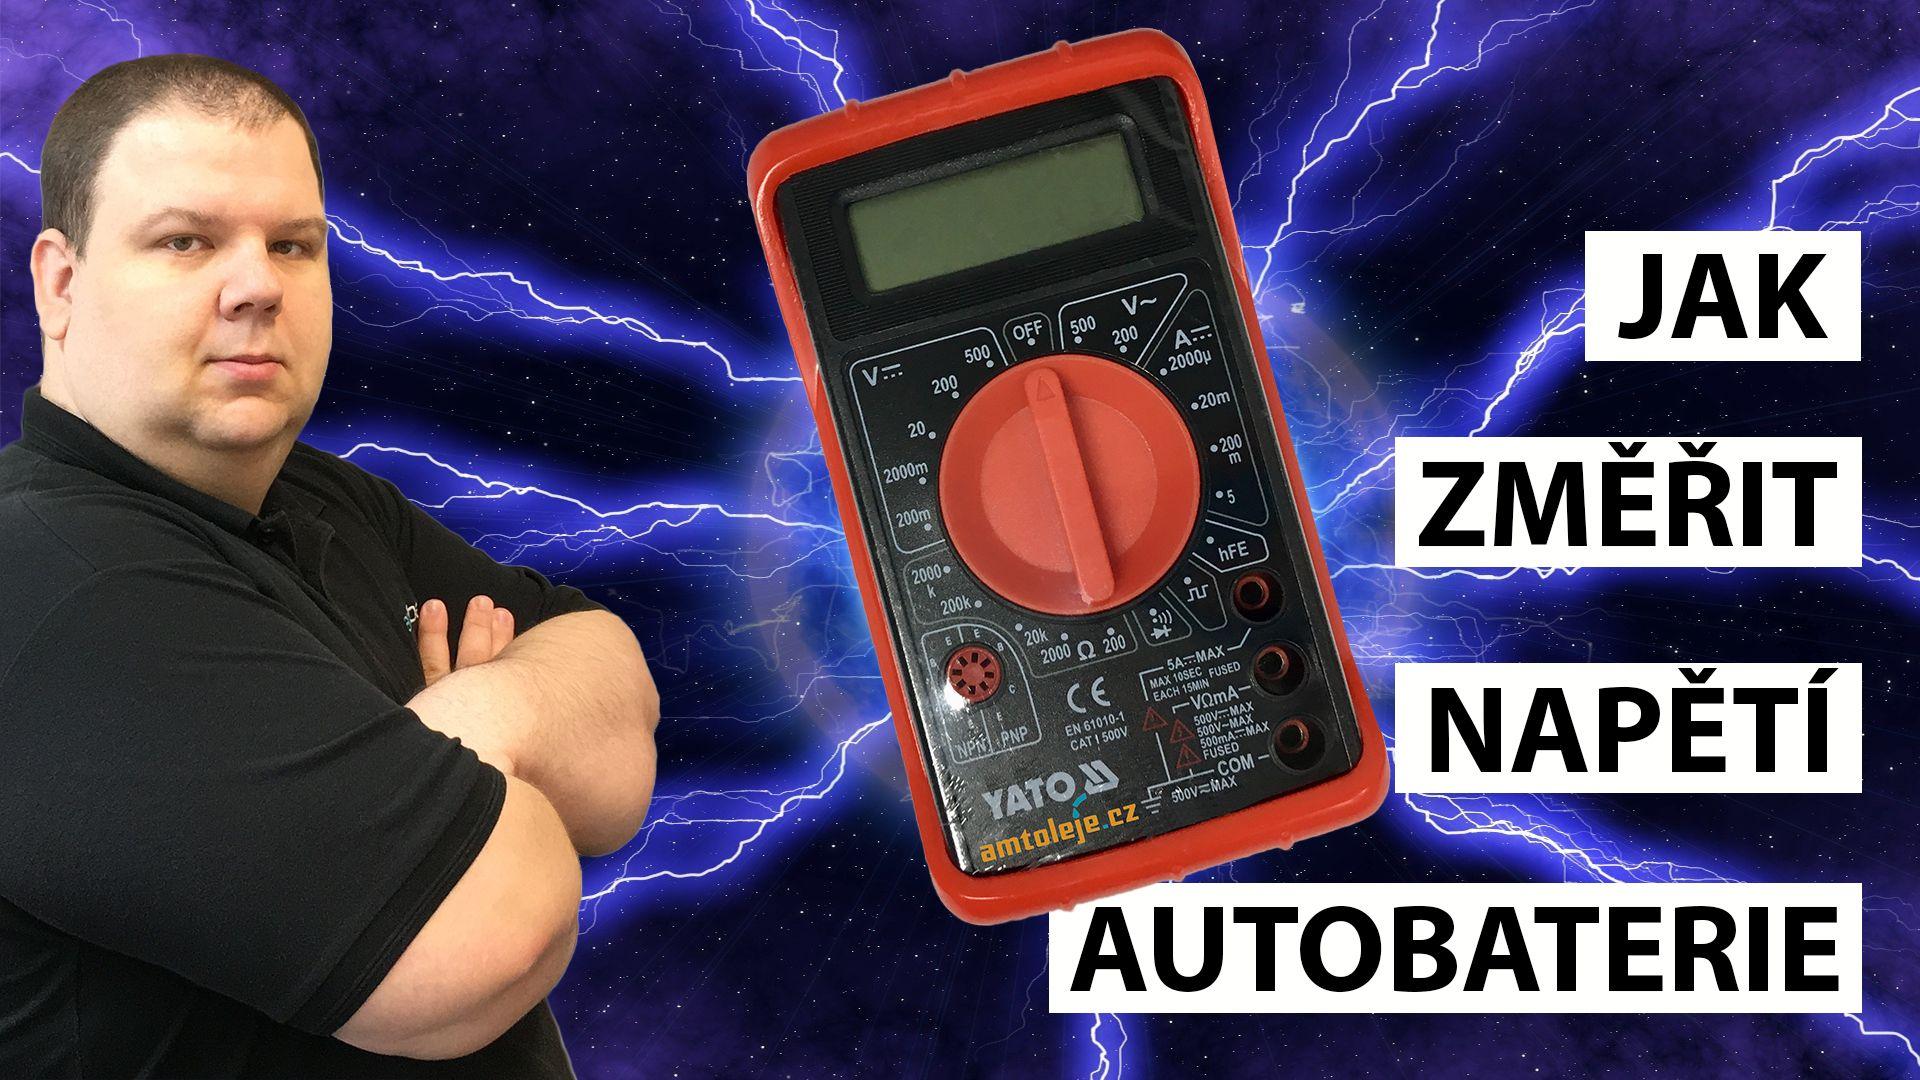 VIDEO - Jak změřit napětí autobaterie